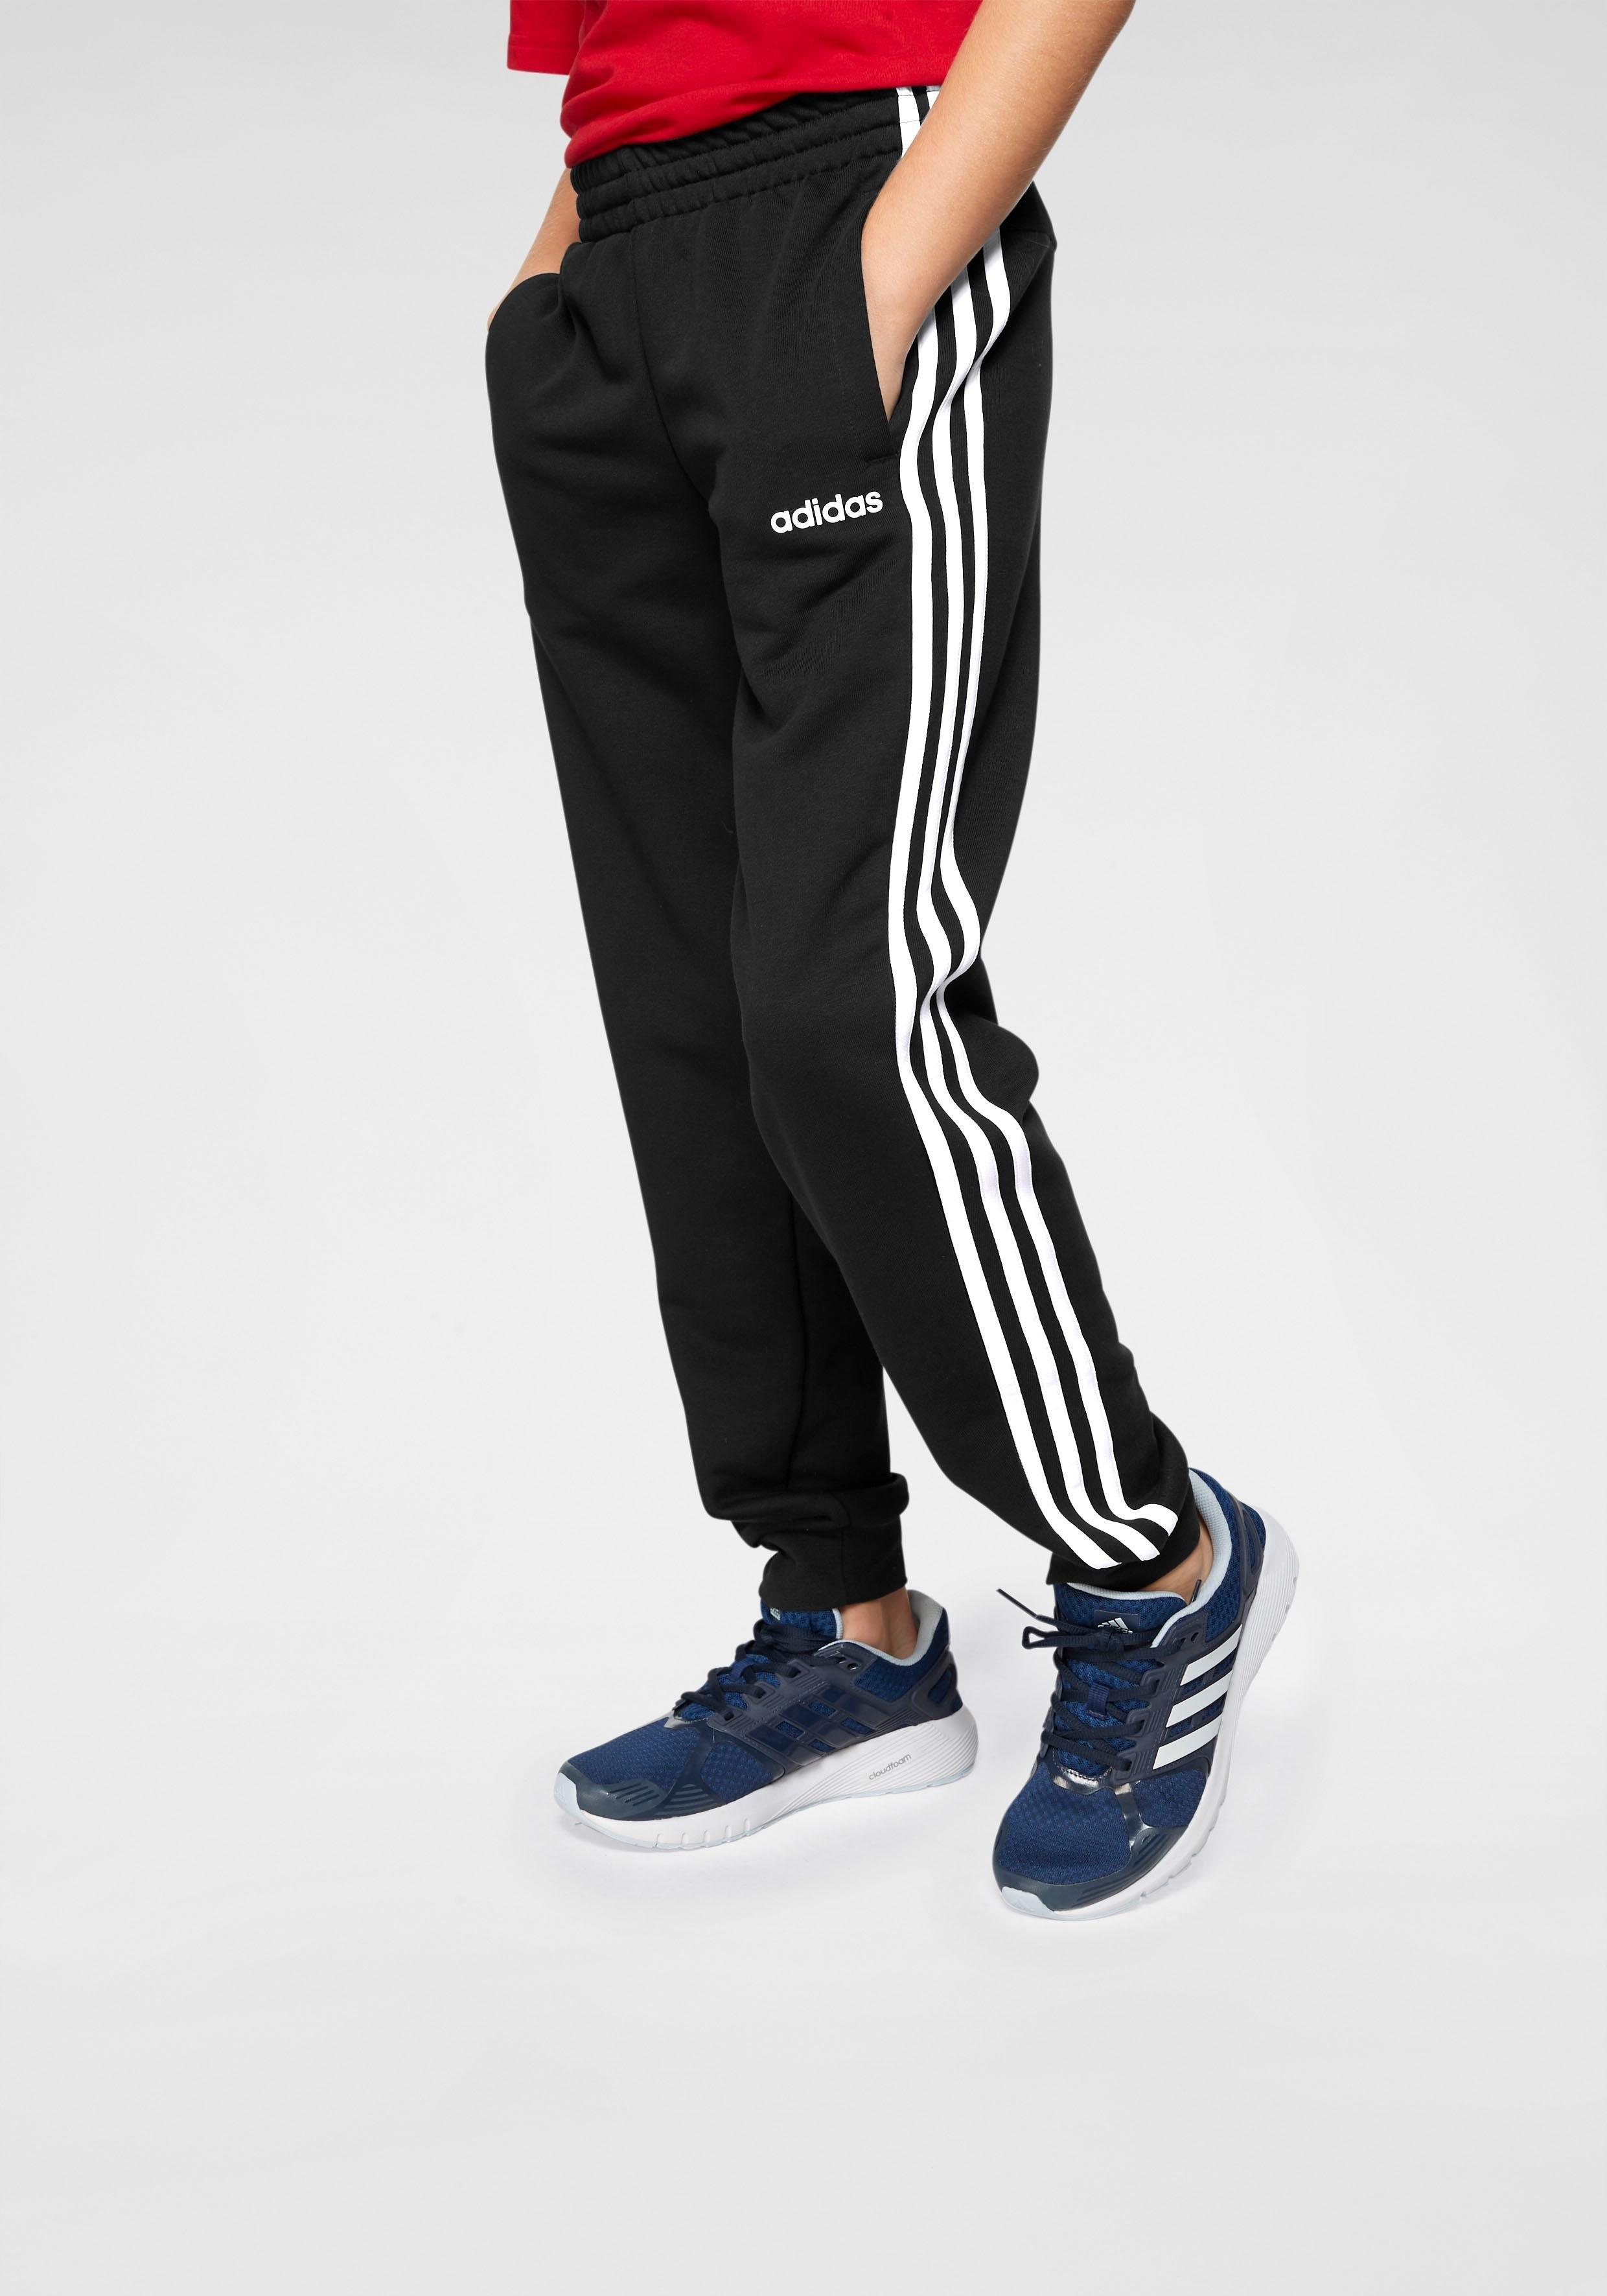 Joggingbroek 134.Adidas Joggingbroek E 3 Stripes Pant Online Bij Otto